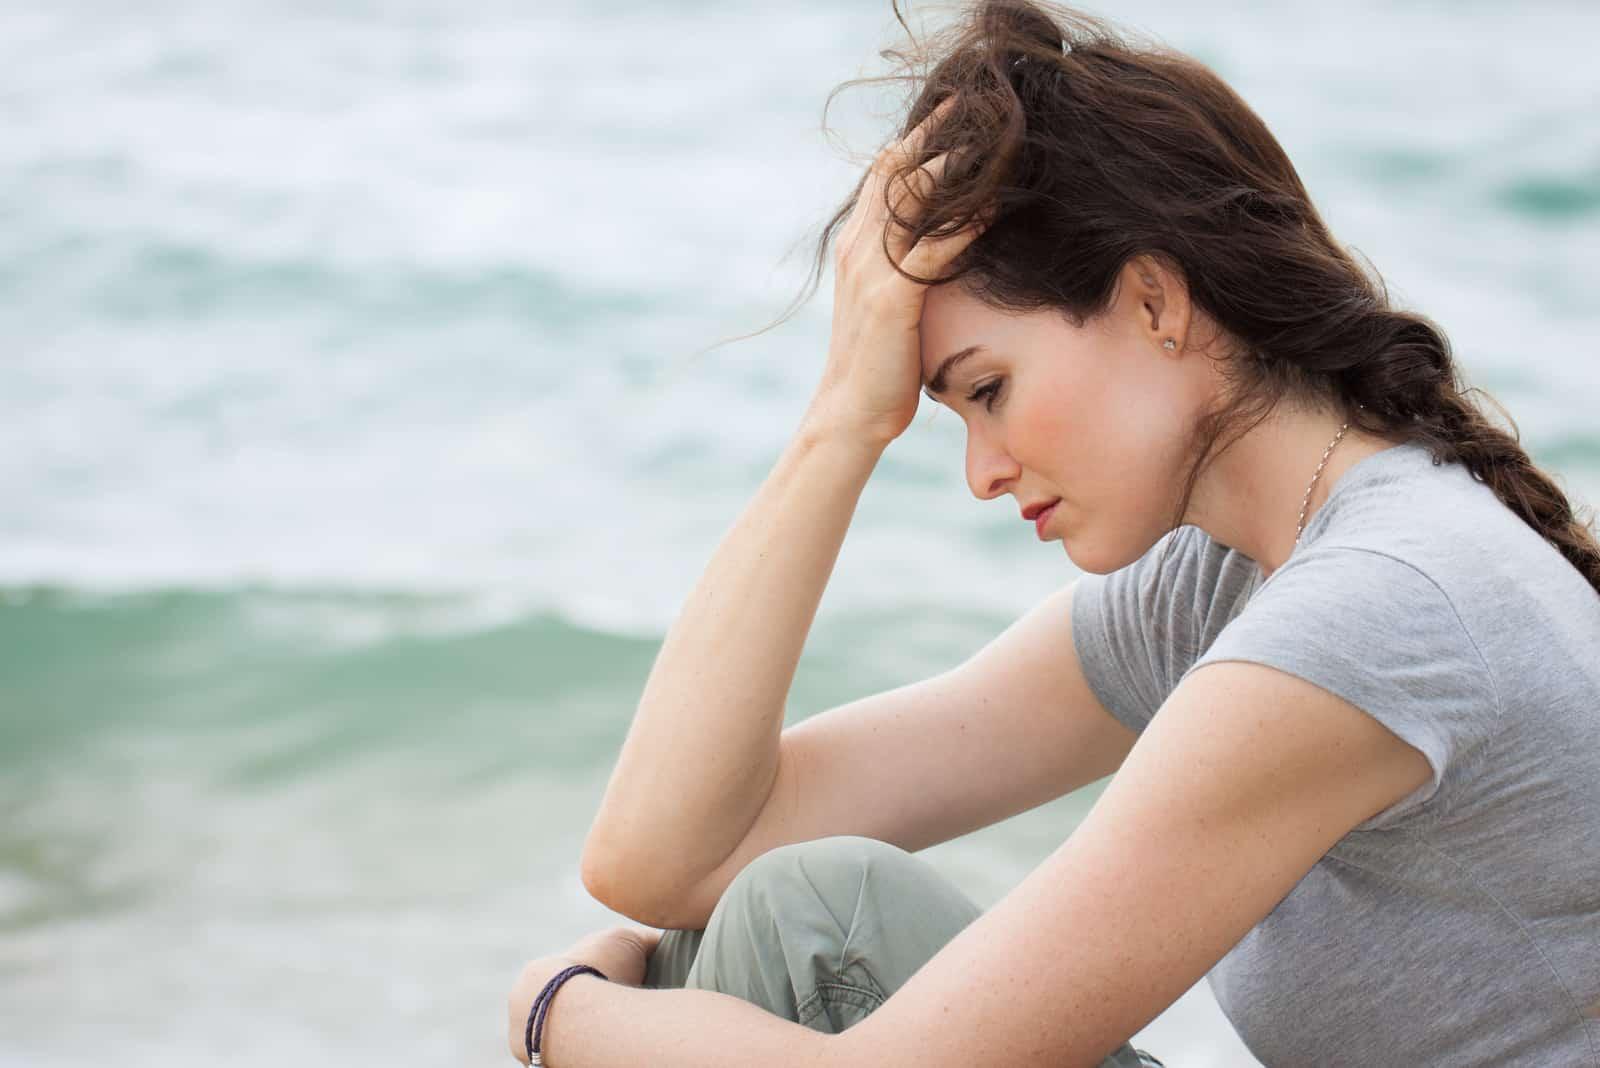 eine depressive Brünette sitzt am Meer